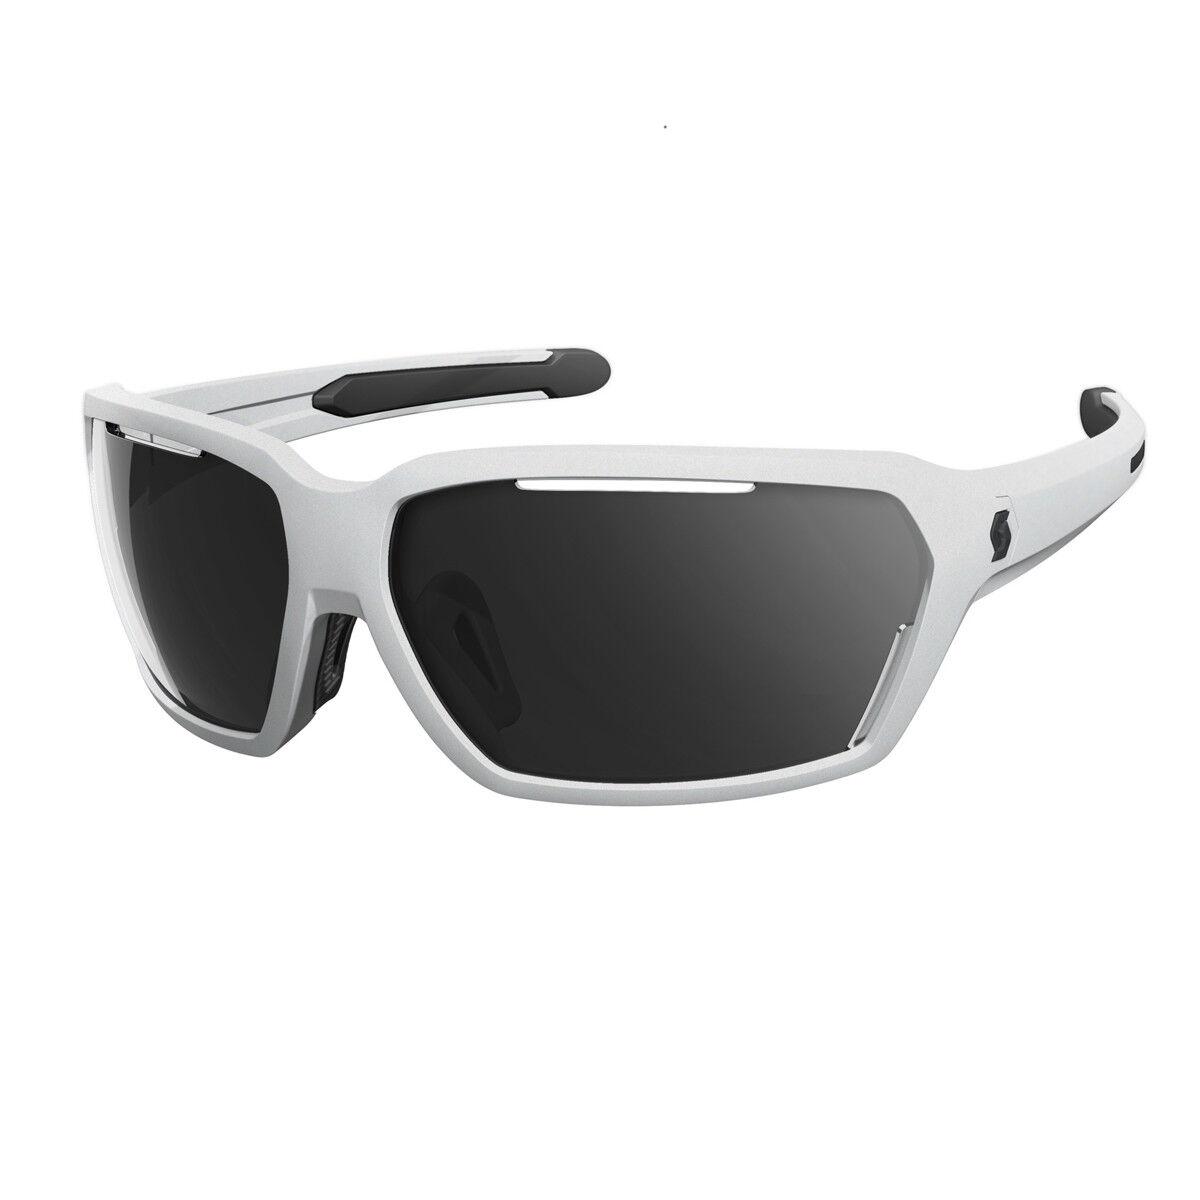 Scott Vector Bicicletta Occhiali Bianco/Nero/Grigio Bianco/Nero/Grigio Bianco/Nero/Grigio bf21f9